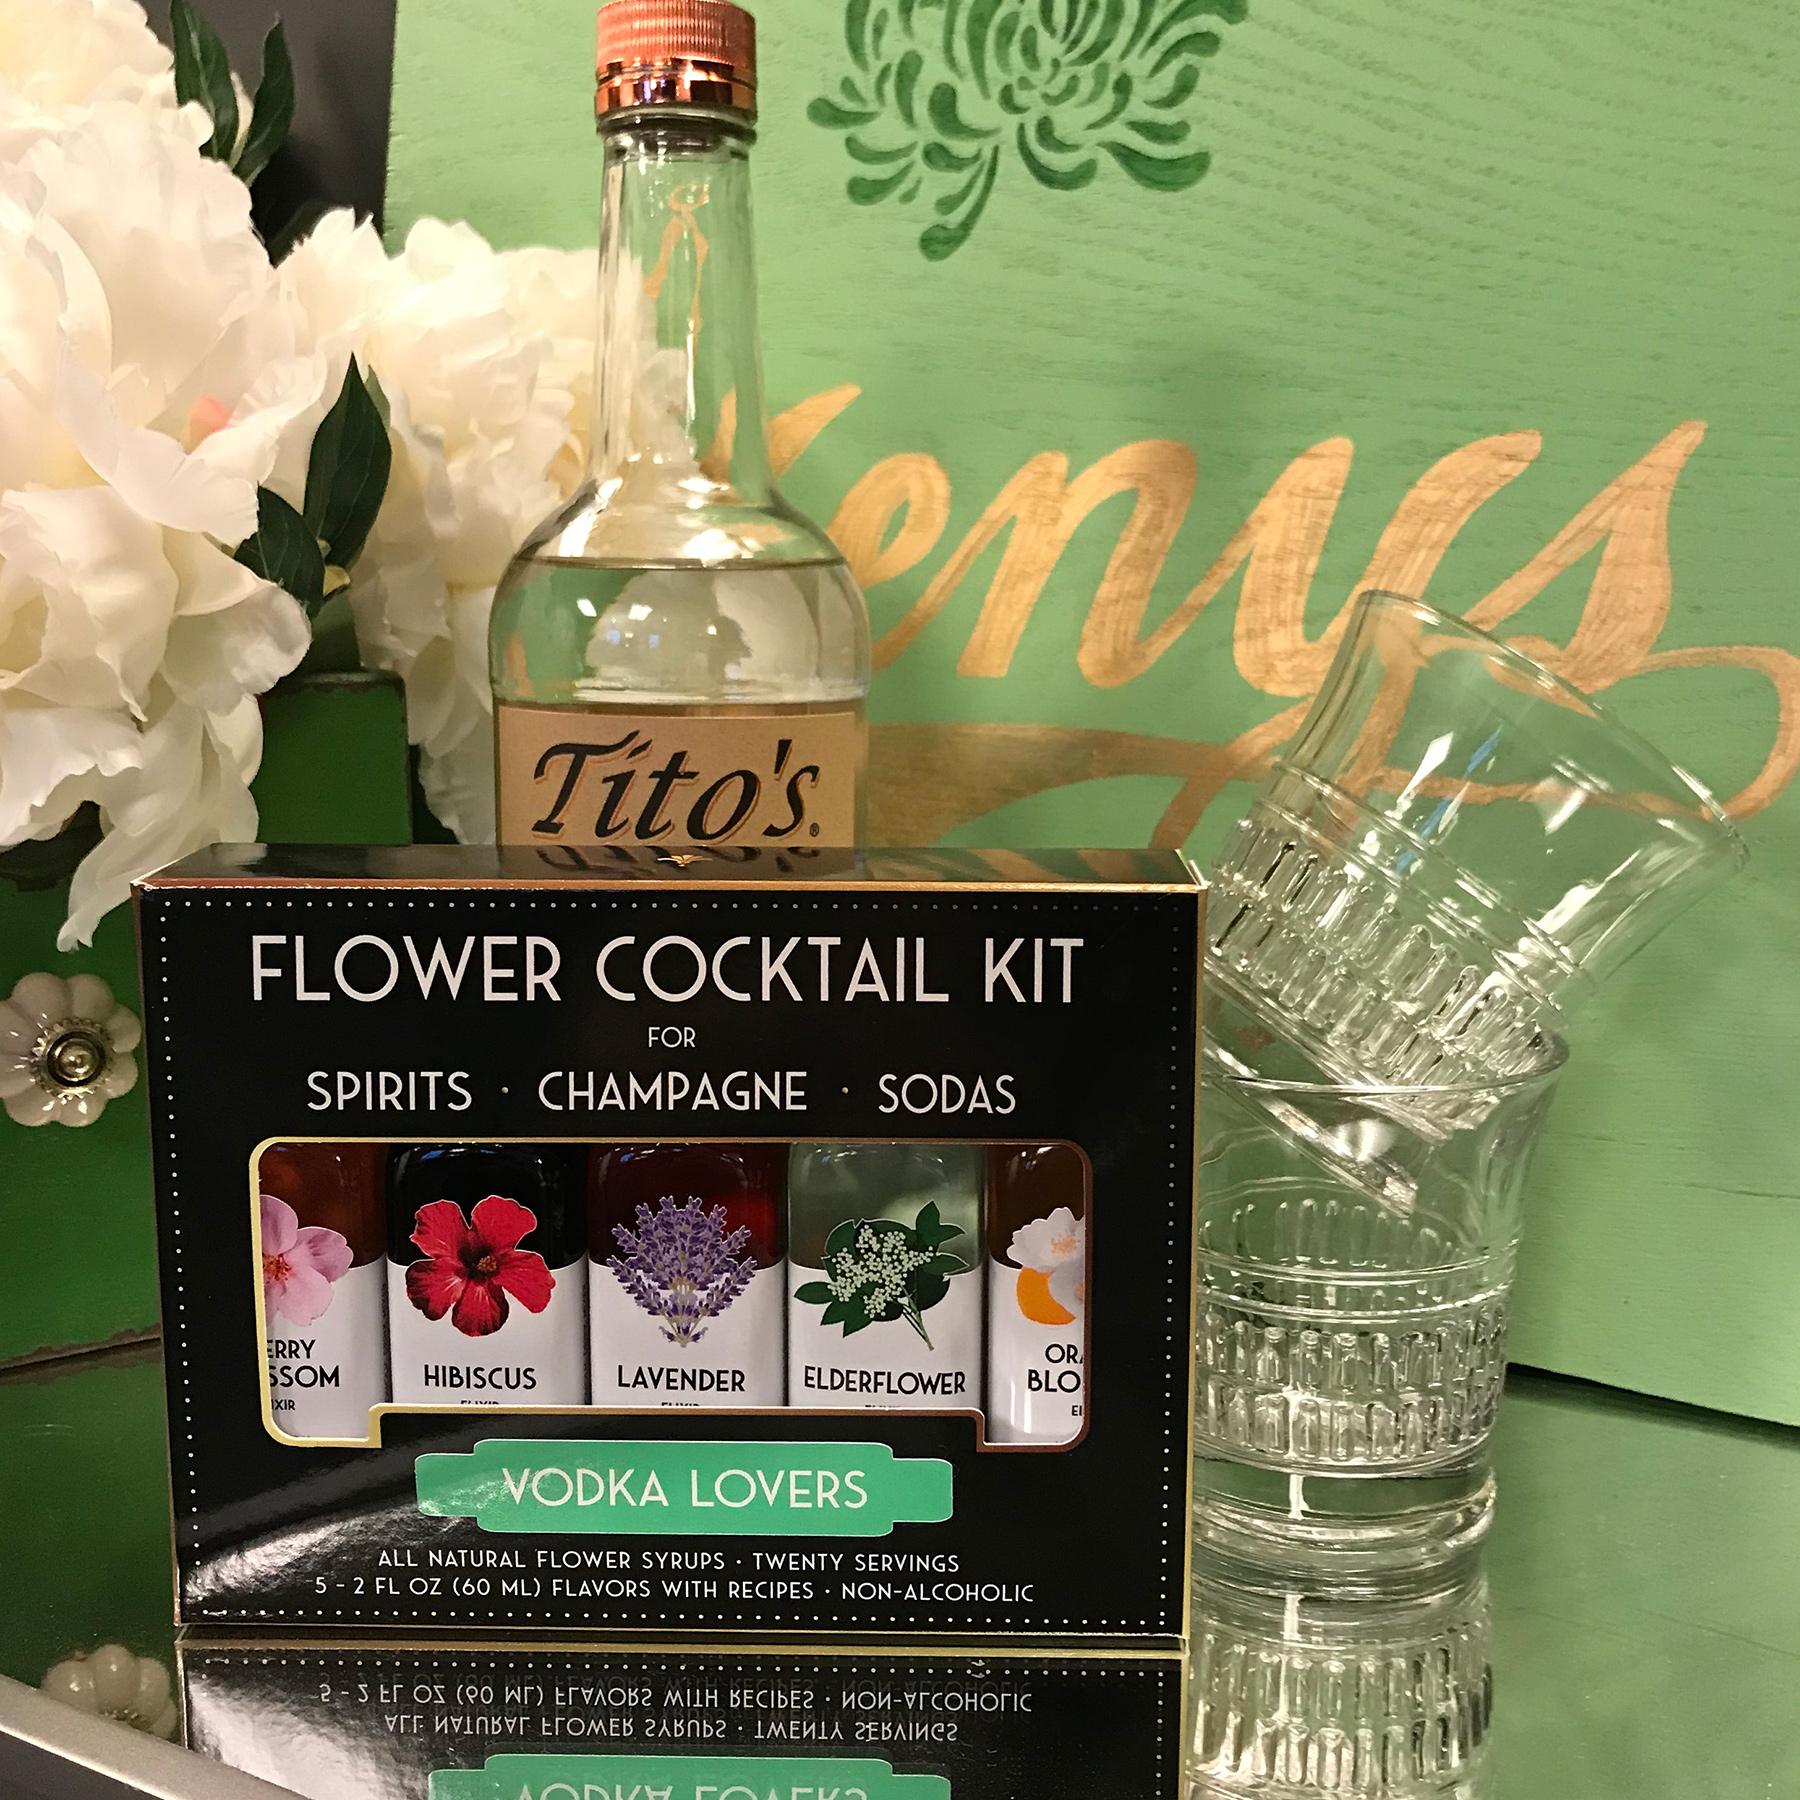 Flower Cocktail Kit, Vodka Lovers